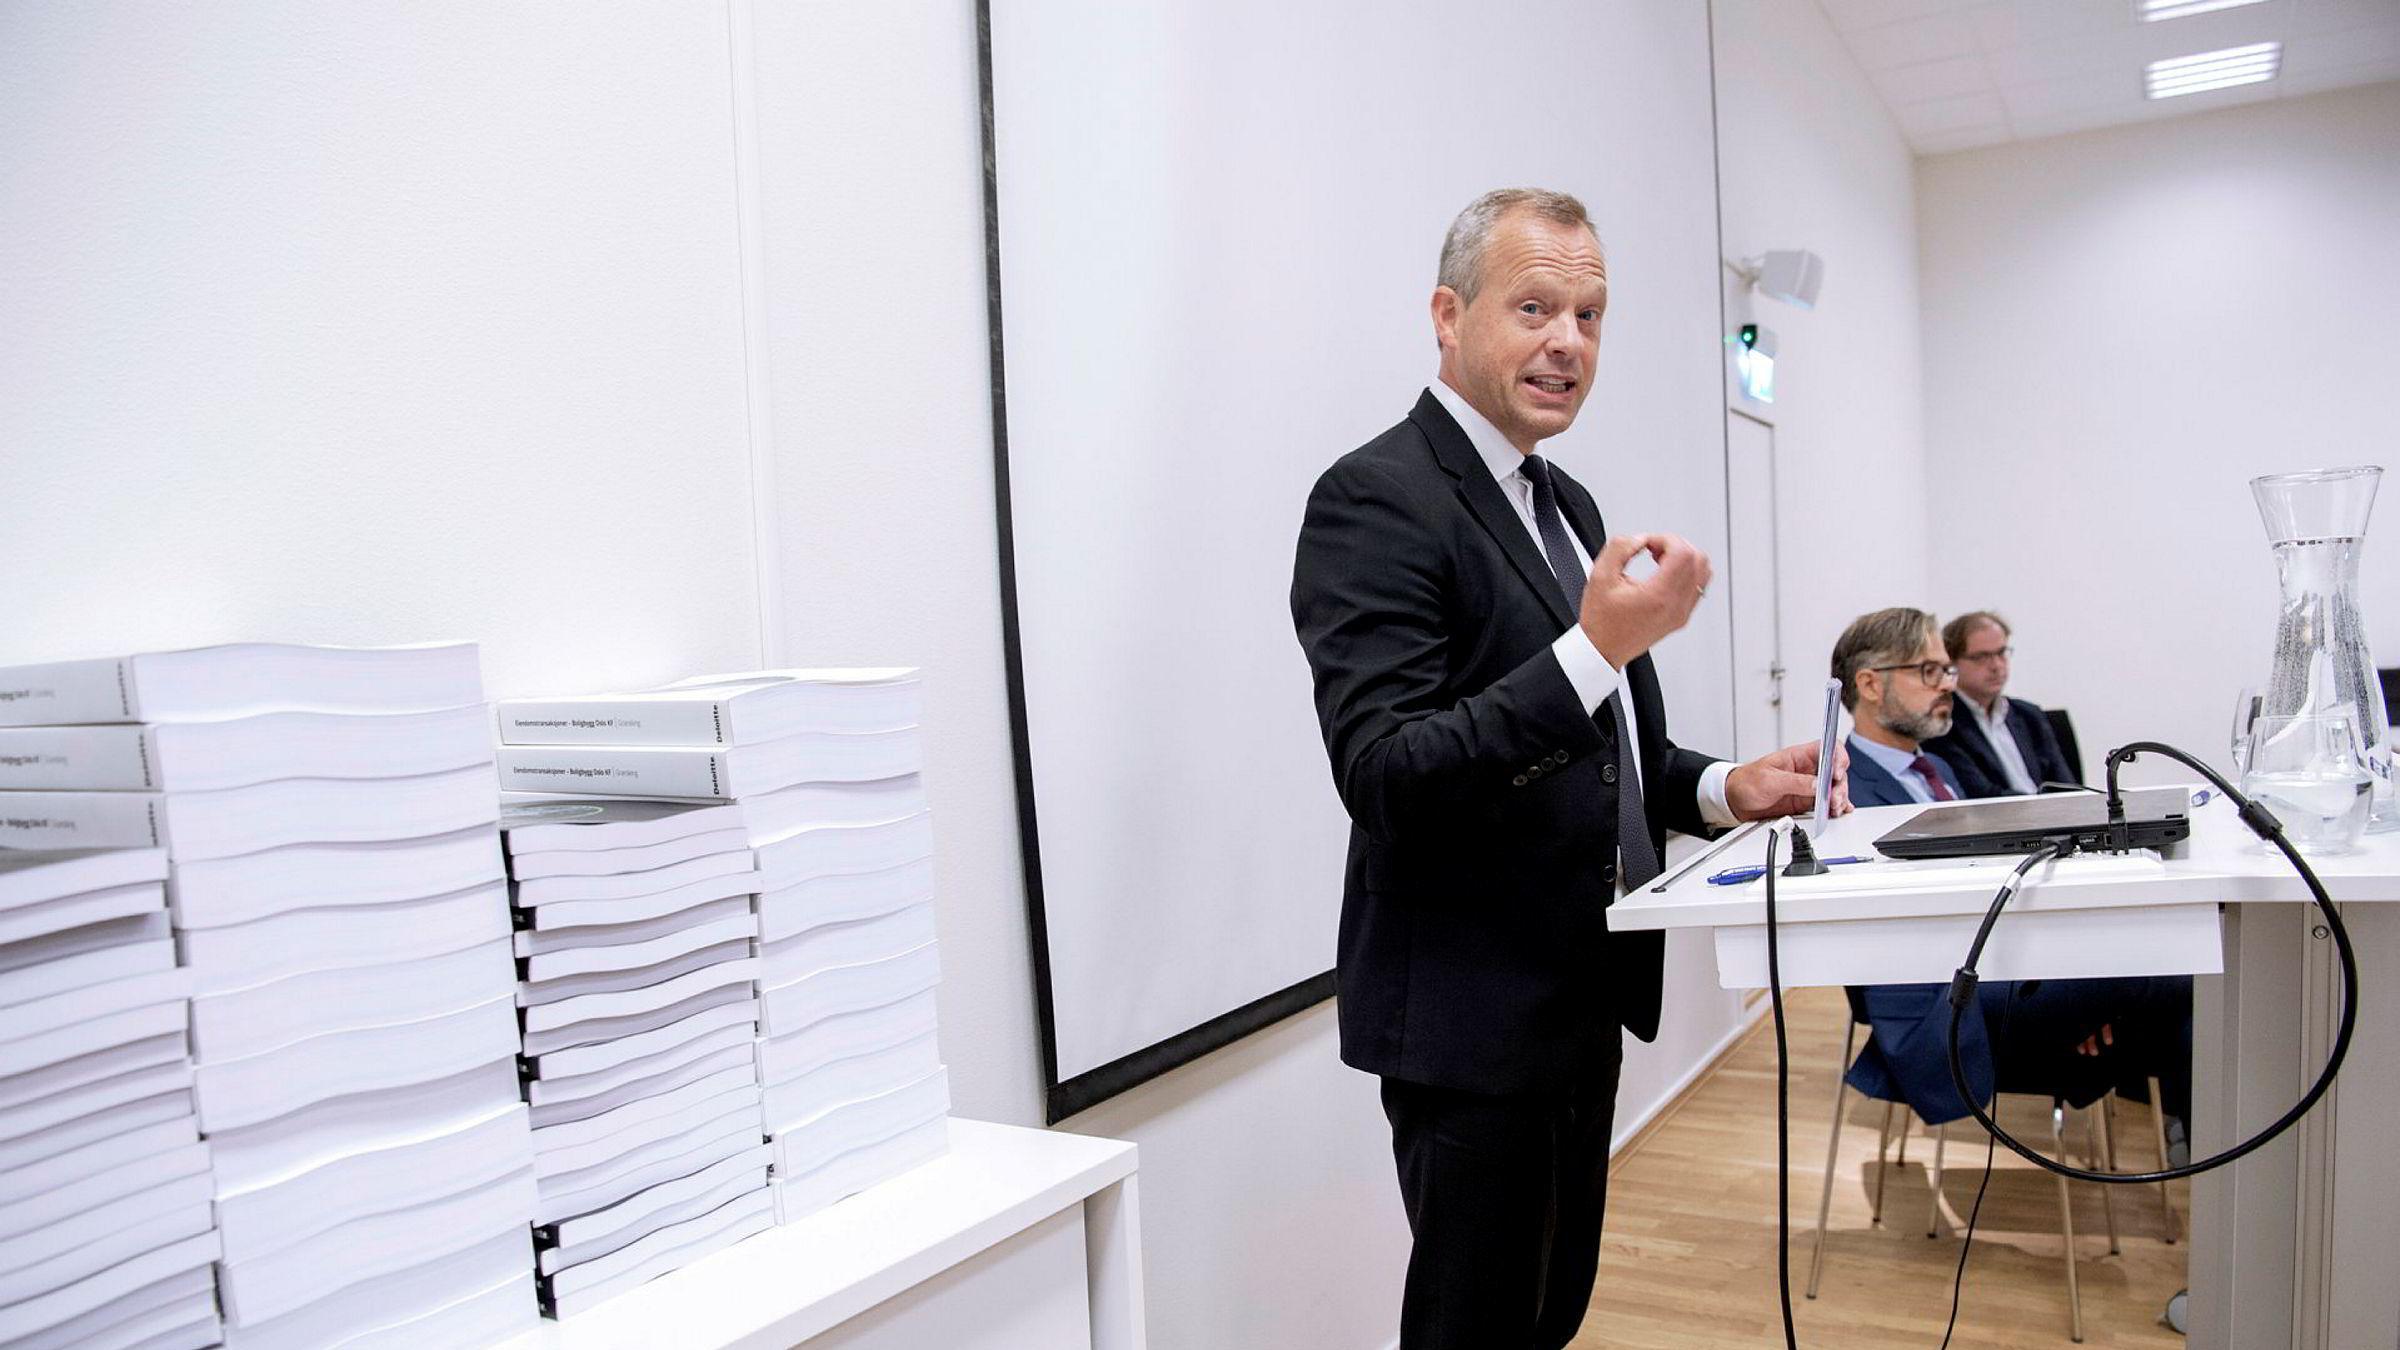 Stig Bech overtok som sjef for Solon i februar 2019.